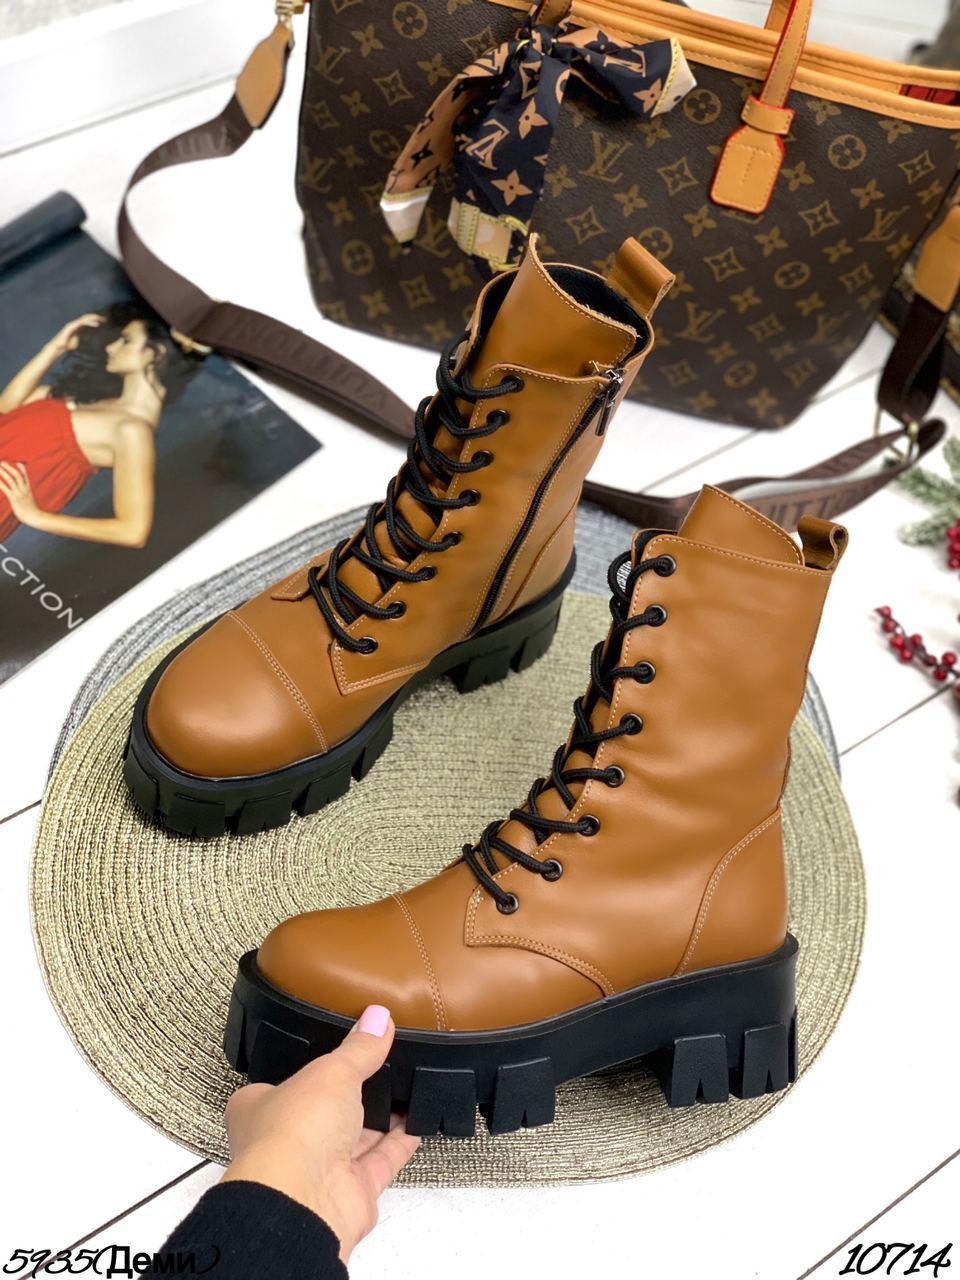 Ботинки демисезонные DOLCE на шнуровке рыжая кожа  В наличии и под заказ